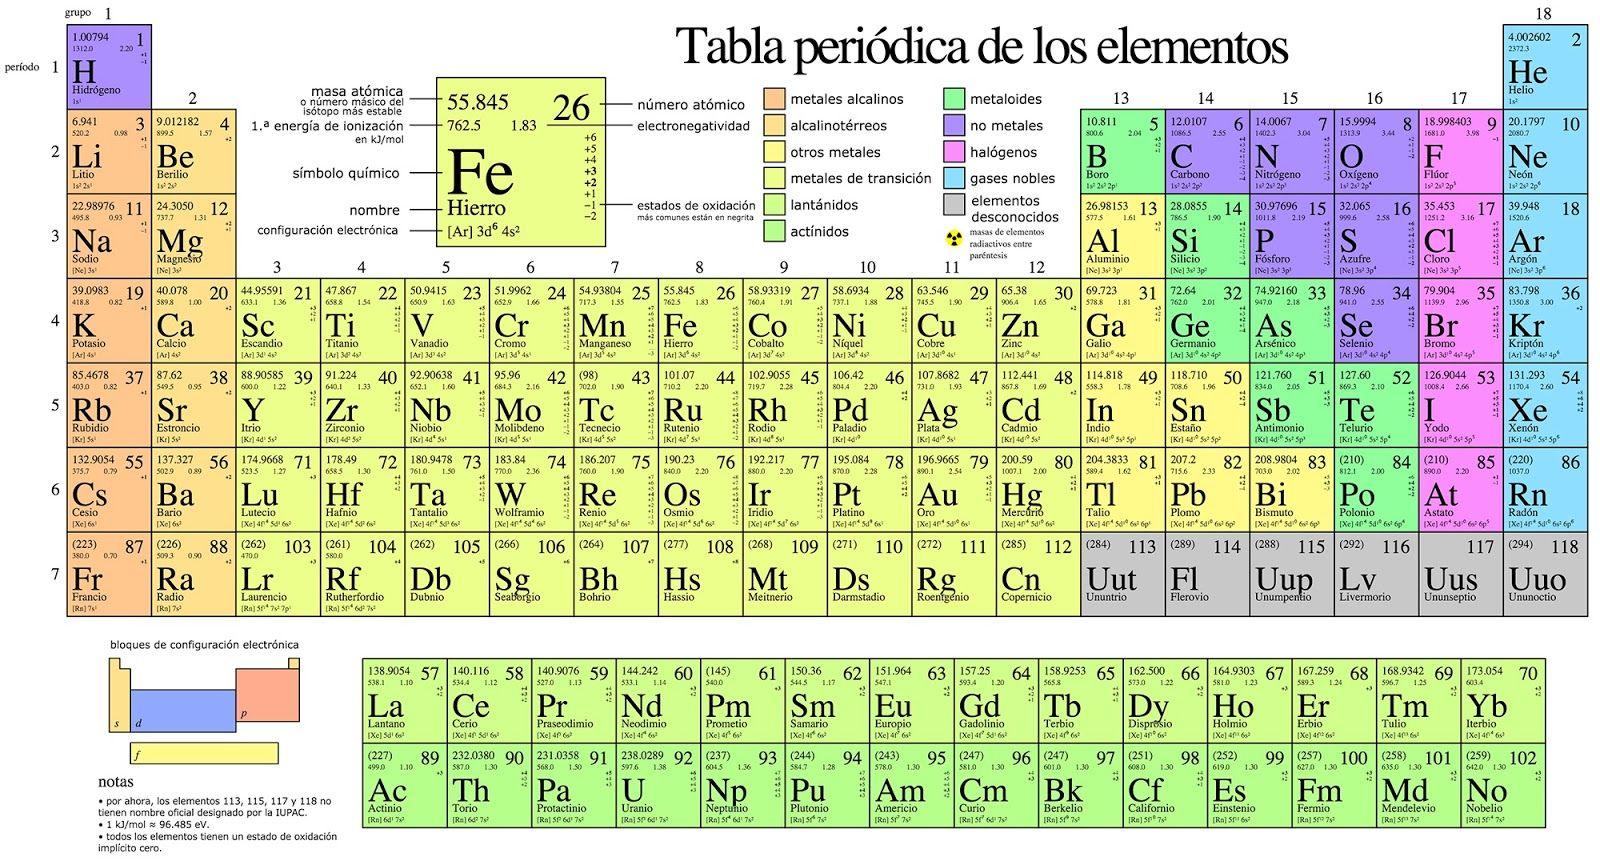 1869 dmitri mendelyev describe la tabla peridica de los 1869 dmitri mendelyev describe la tabla peridica de los elementos qumicos urtaz Gallery